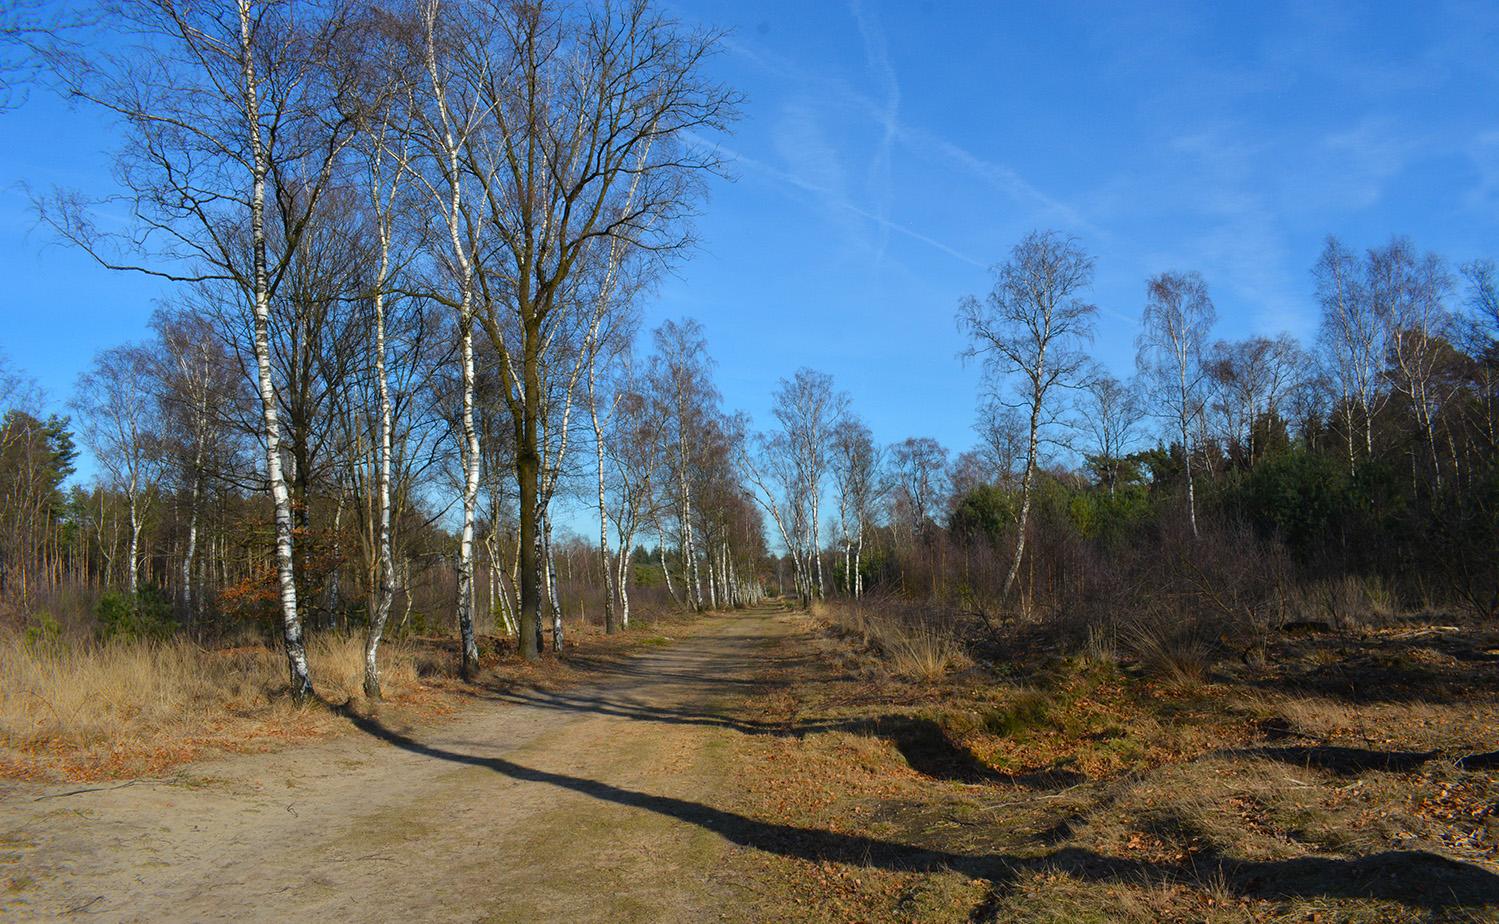 Mooi bospad met berken in het bos bij de Ginkel - Foto: © Louis Fraanje